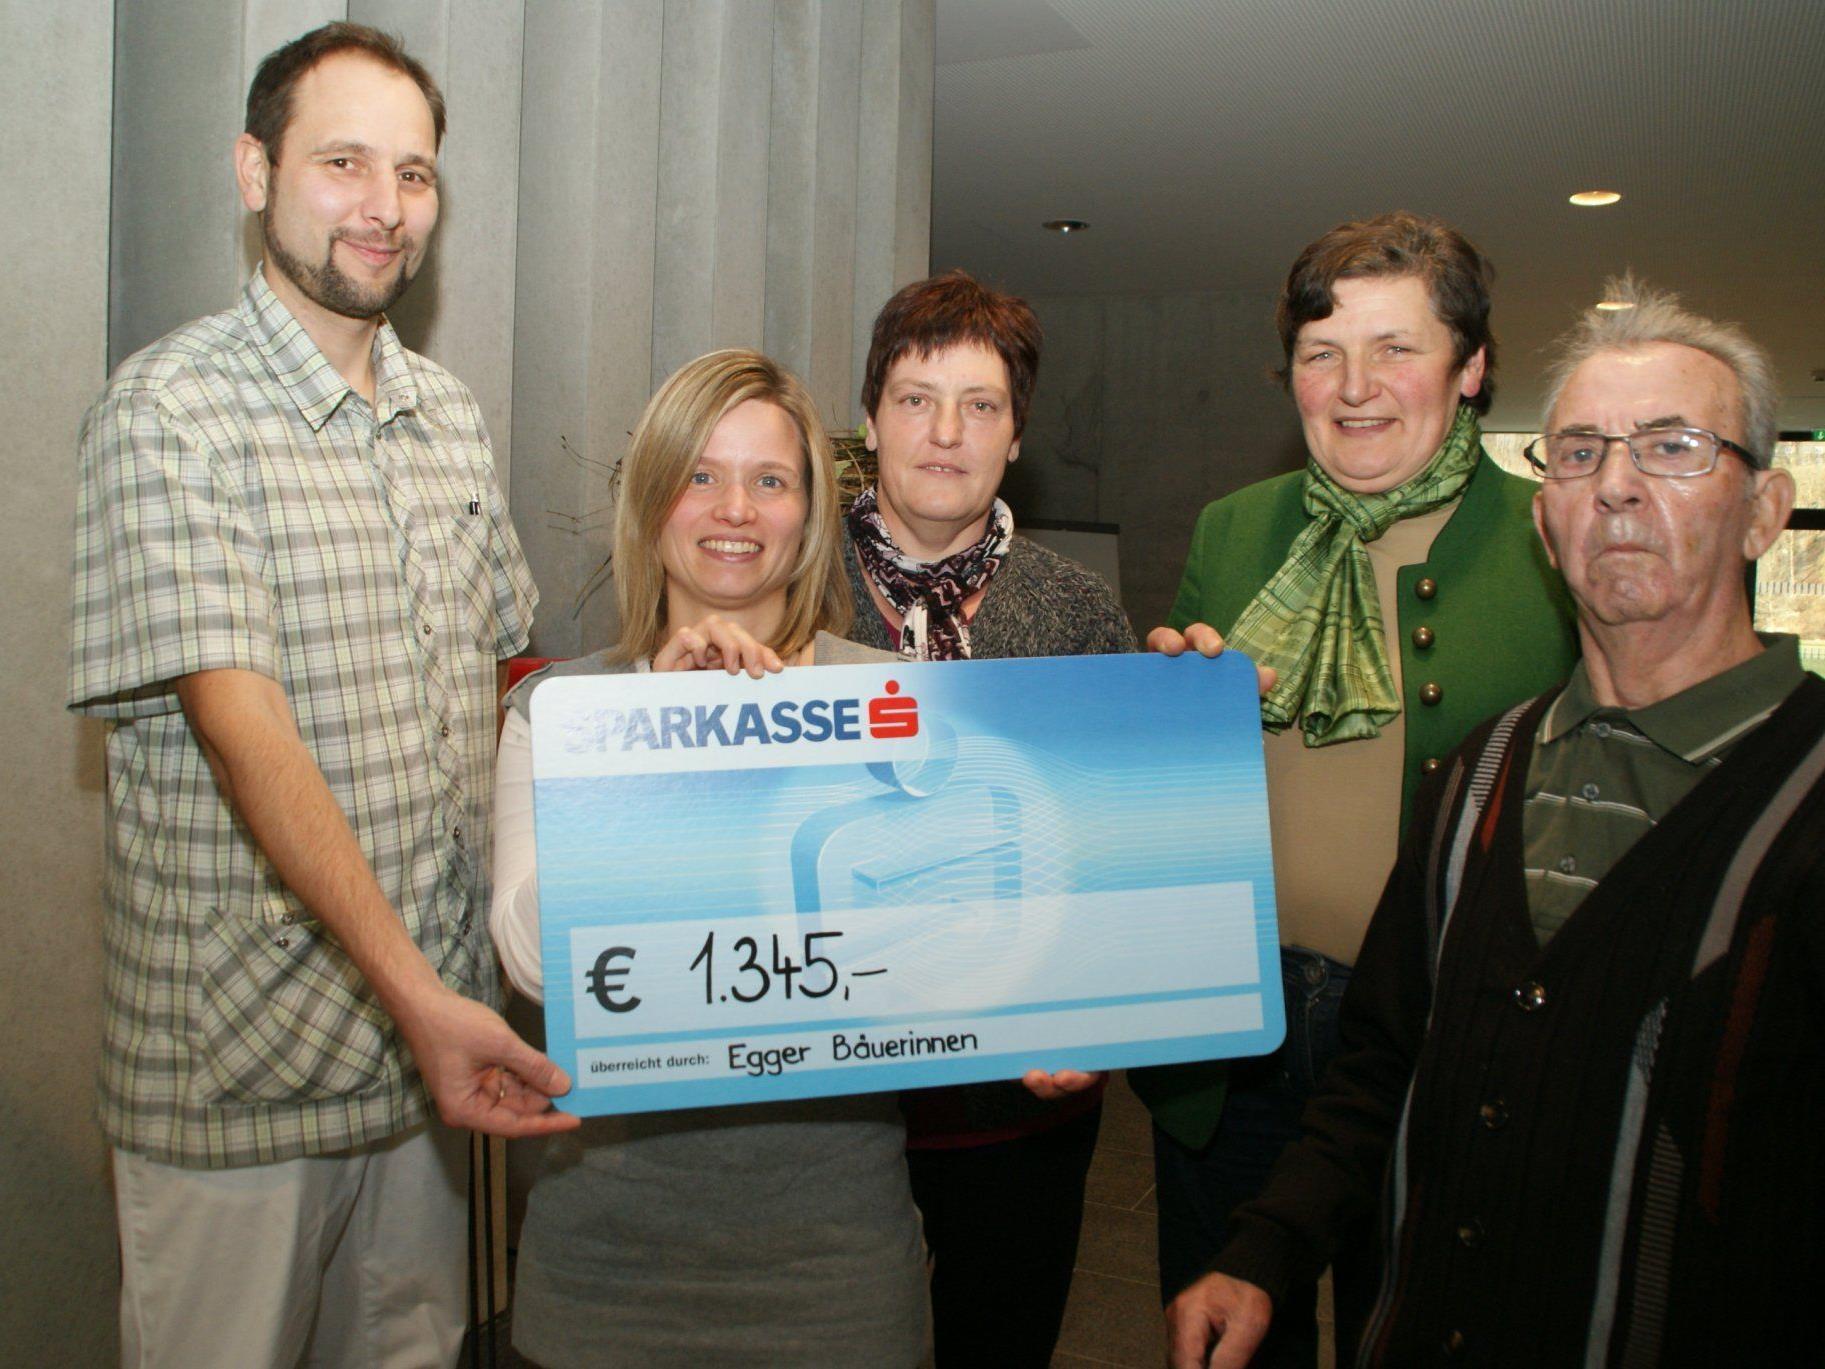 Von links: Johannes Kaserer, Natalie Feurstein, Marianne Flatz, Theresia Scheider und Bewohner Josef. Nicht im Bild: Michaela Schneider.